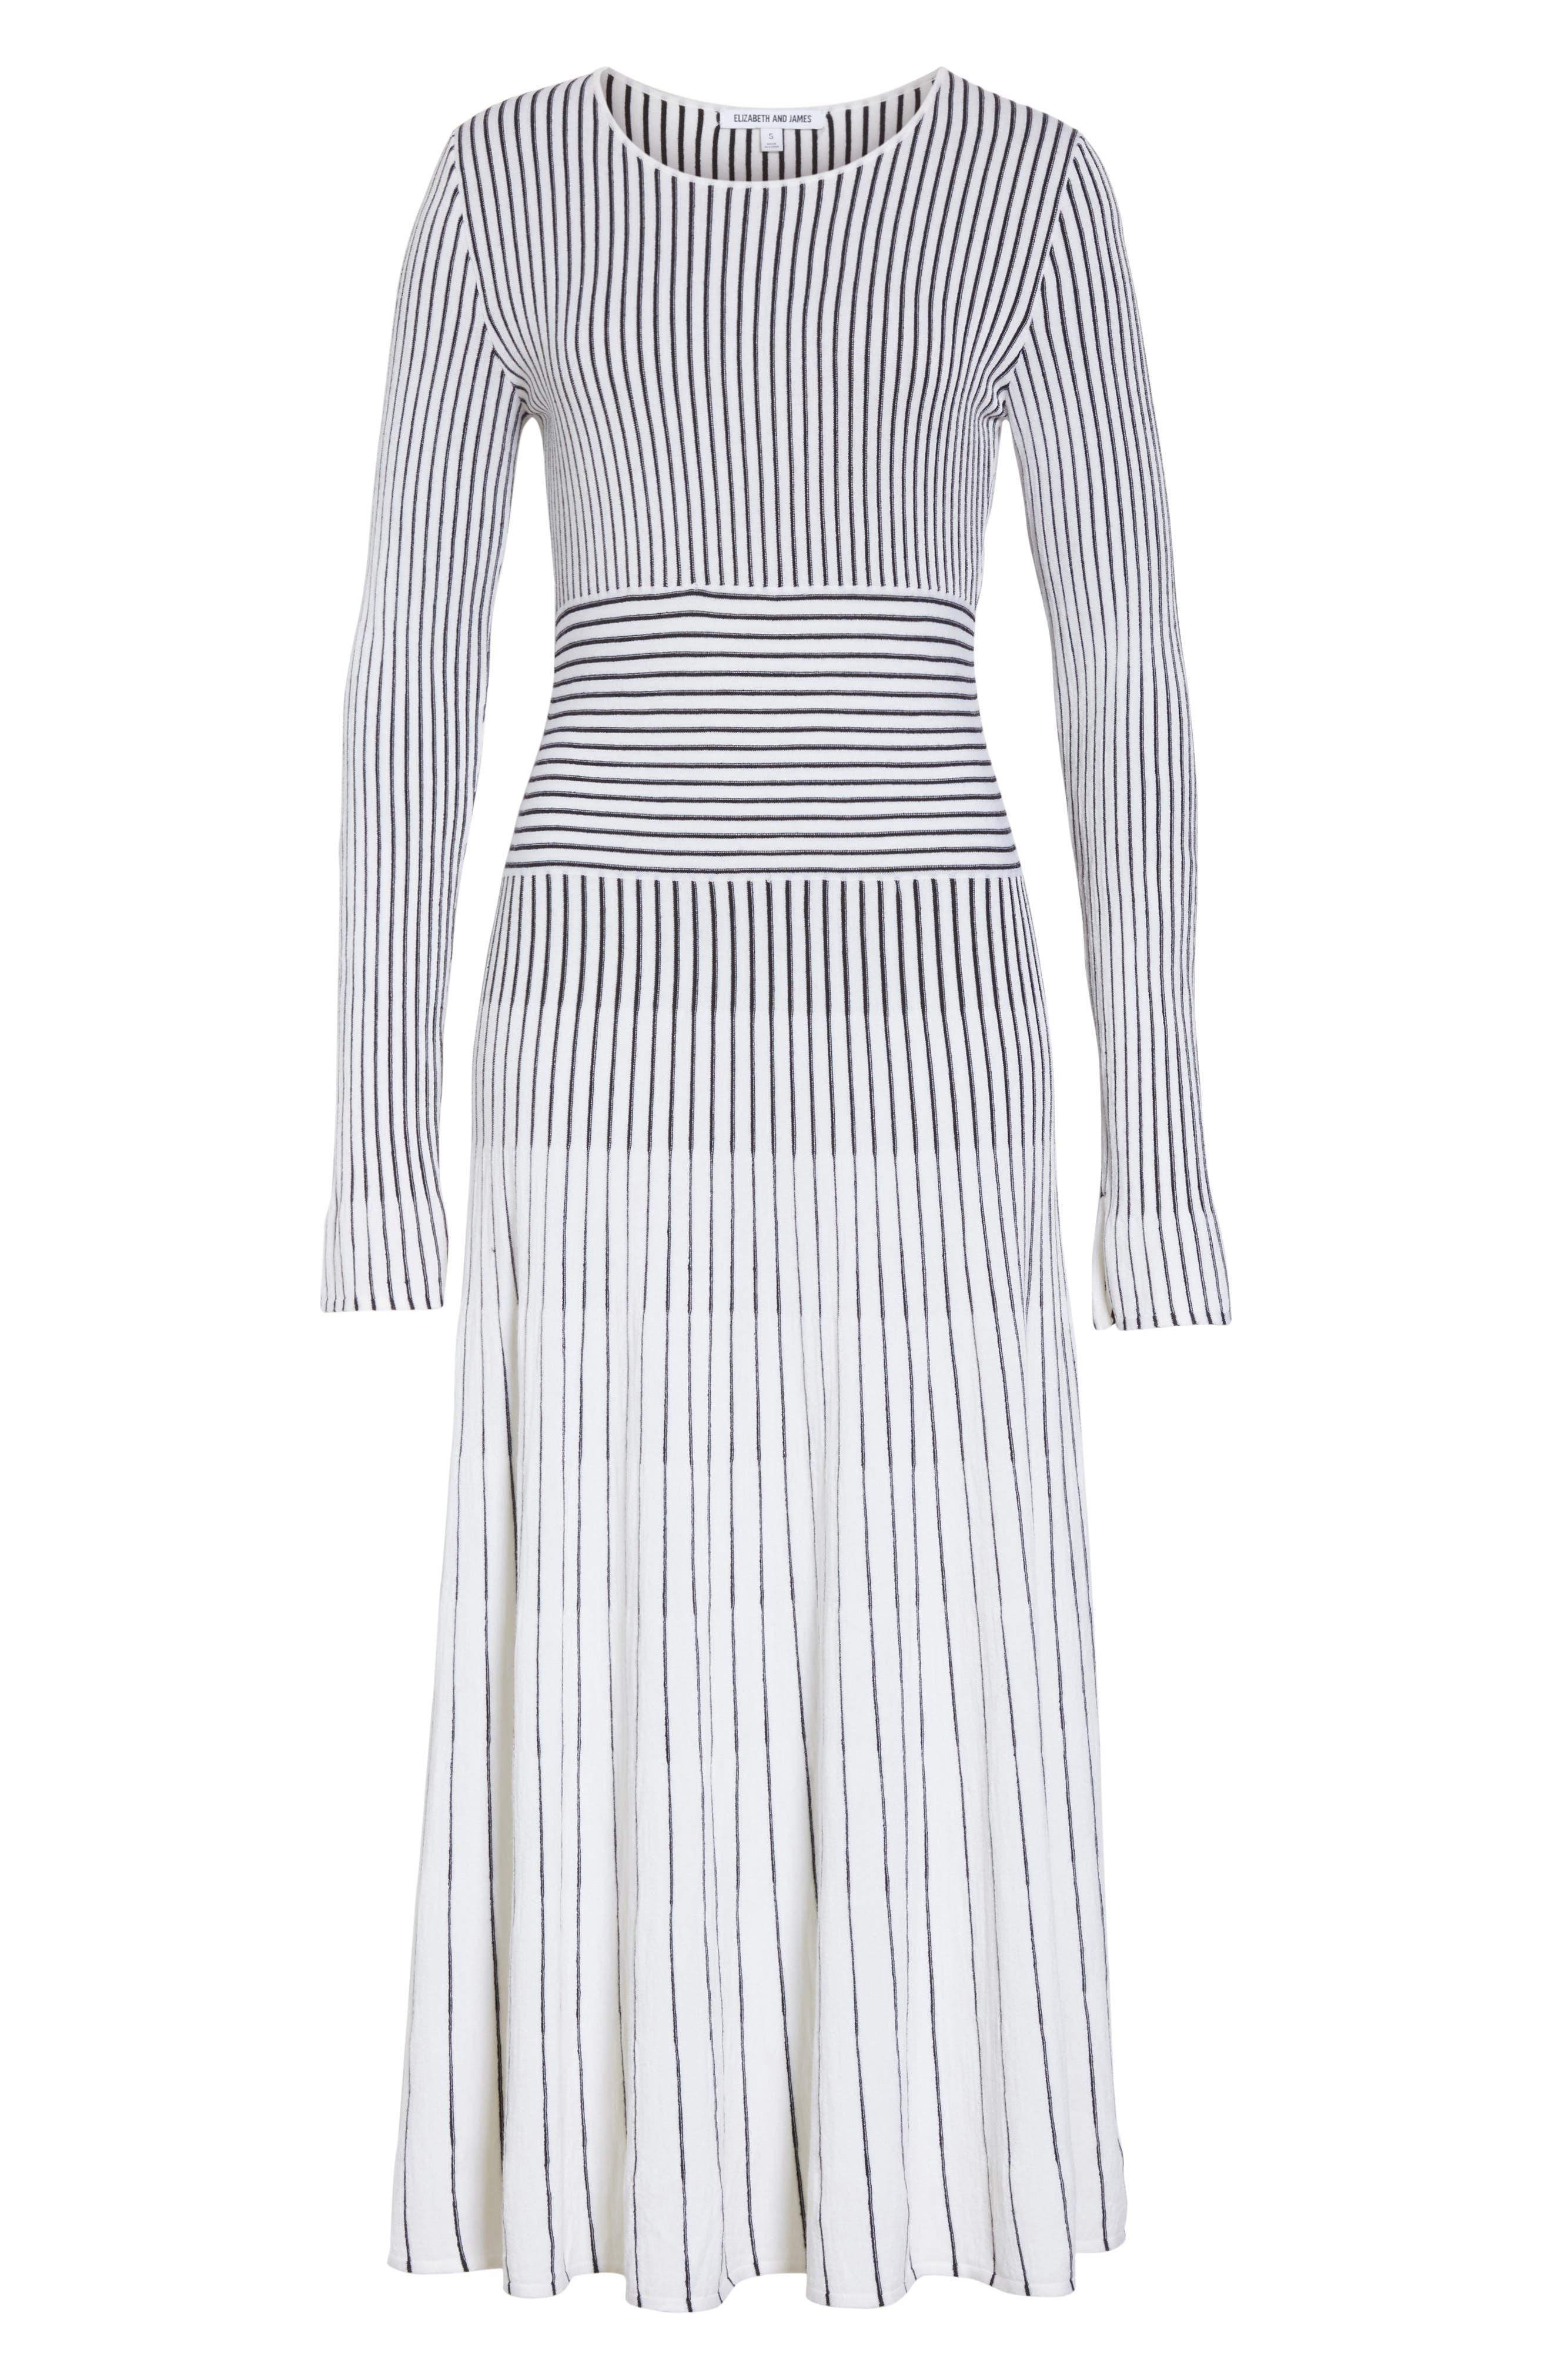 Sheridan Stripe Knit Midi Dress,                             Alternate thumbnail 6, color,                             Ivory/ Black